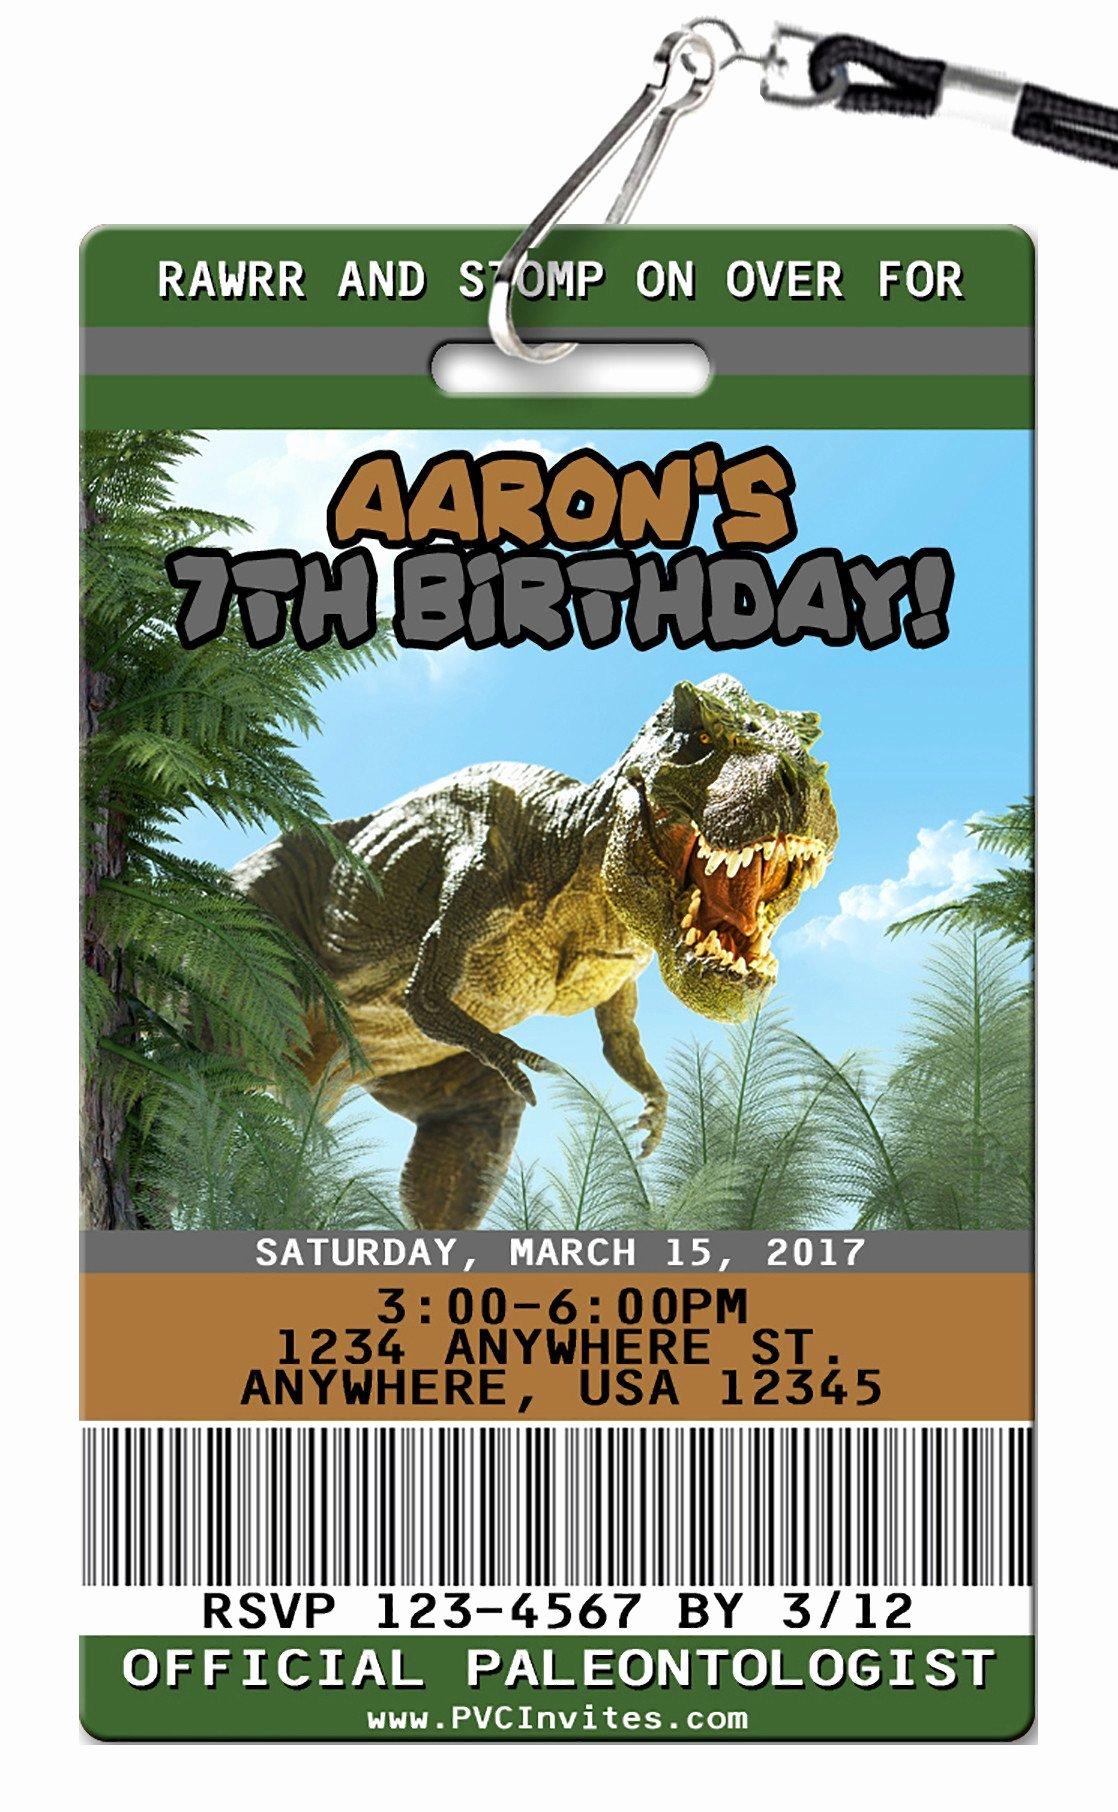 Dinosaur Birthday Party Invitations Elegant Dinosaur Birthday Invitations Pvc Invites Vip Birthday Invitations